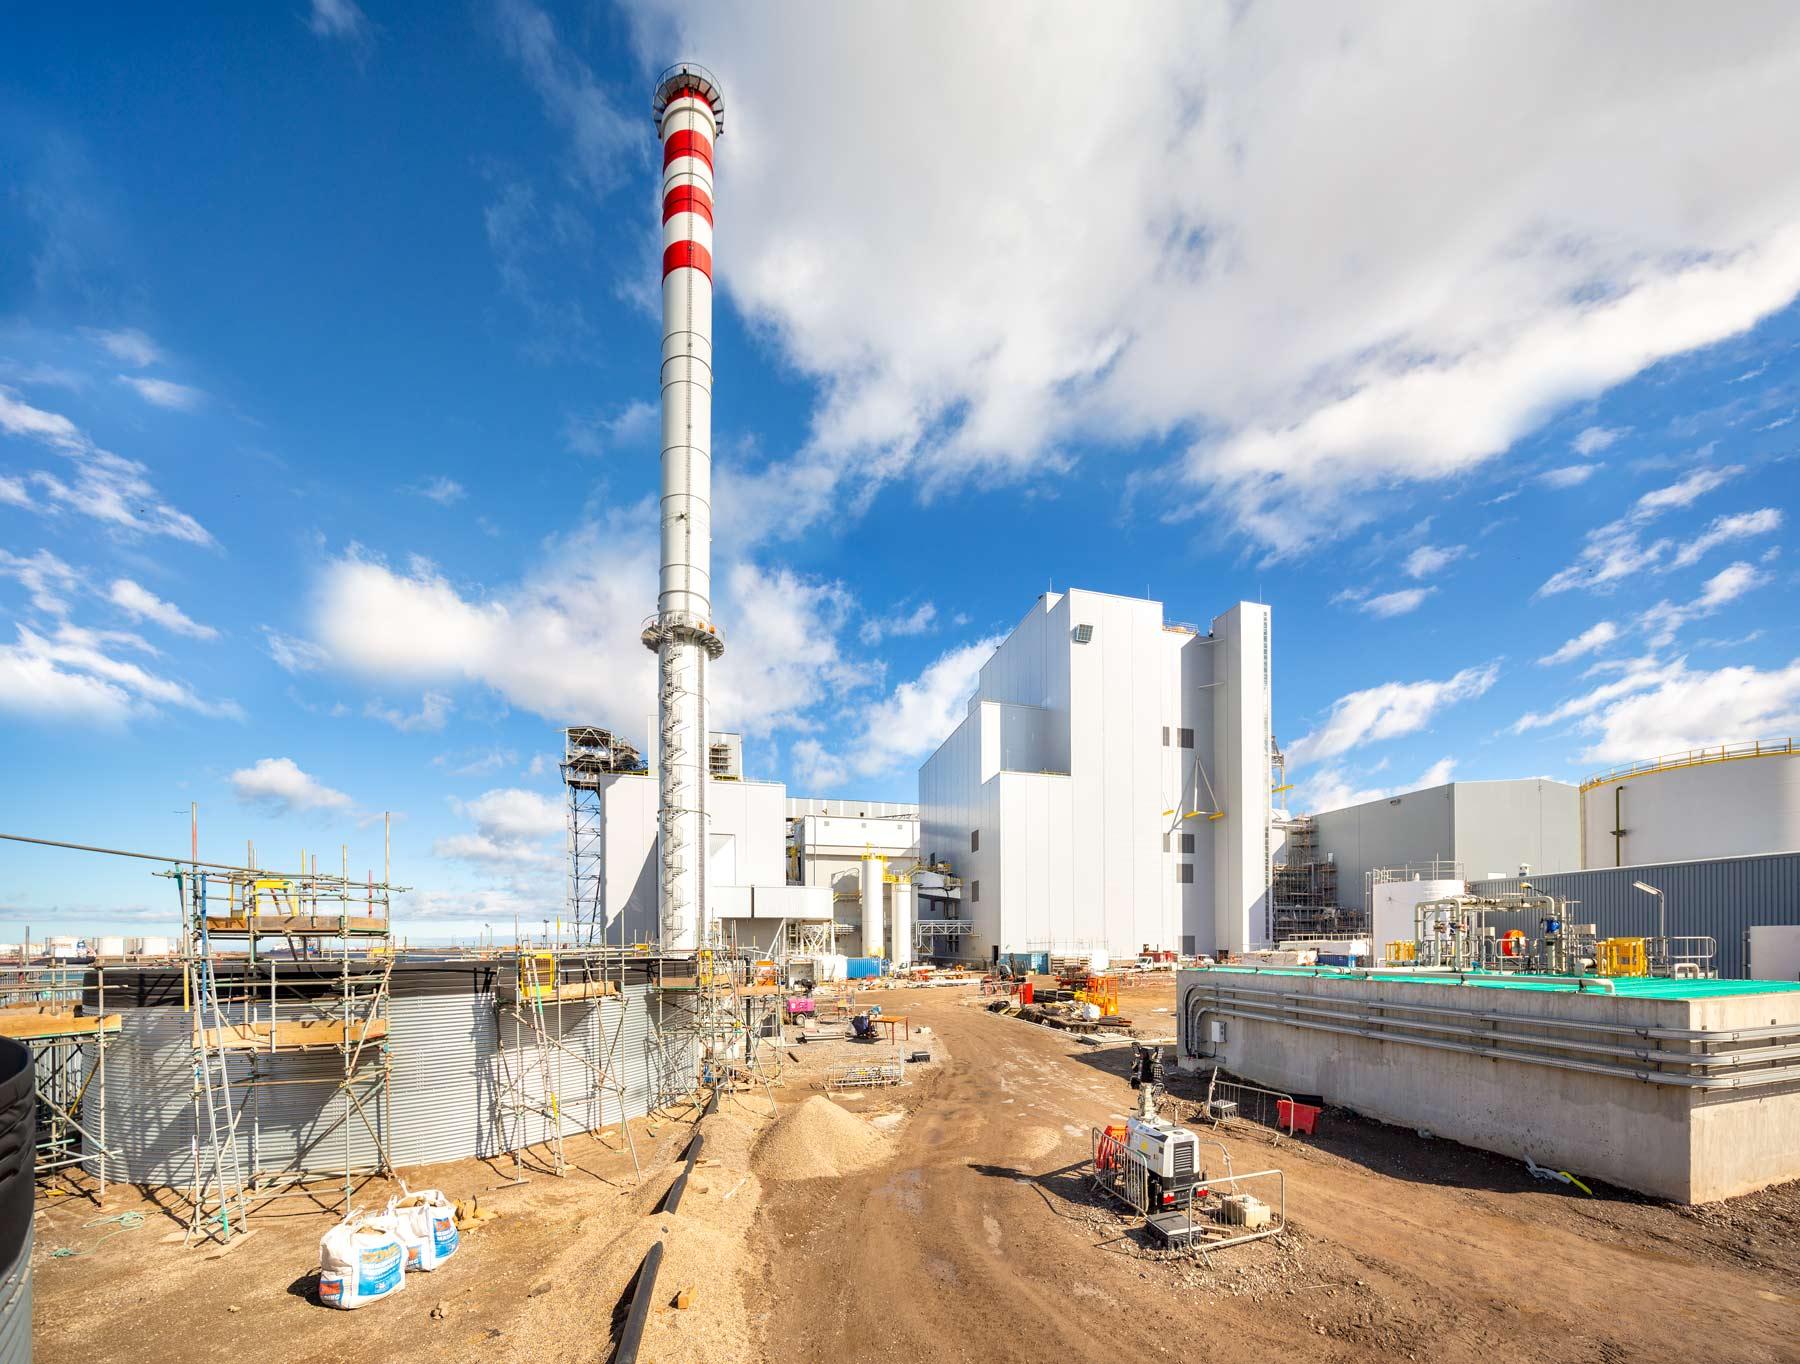 Industrial-photographer-Matthew-Jones-power-plant